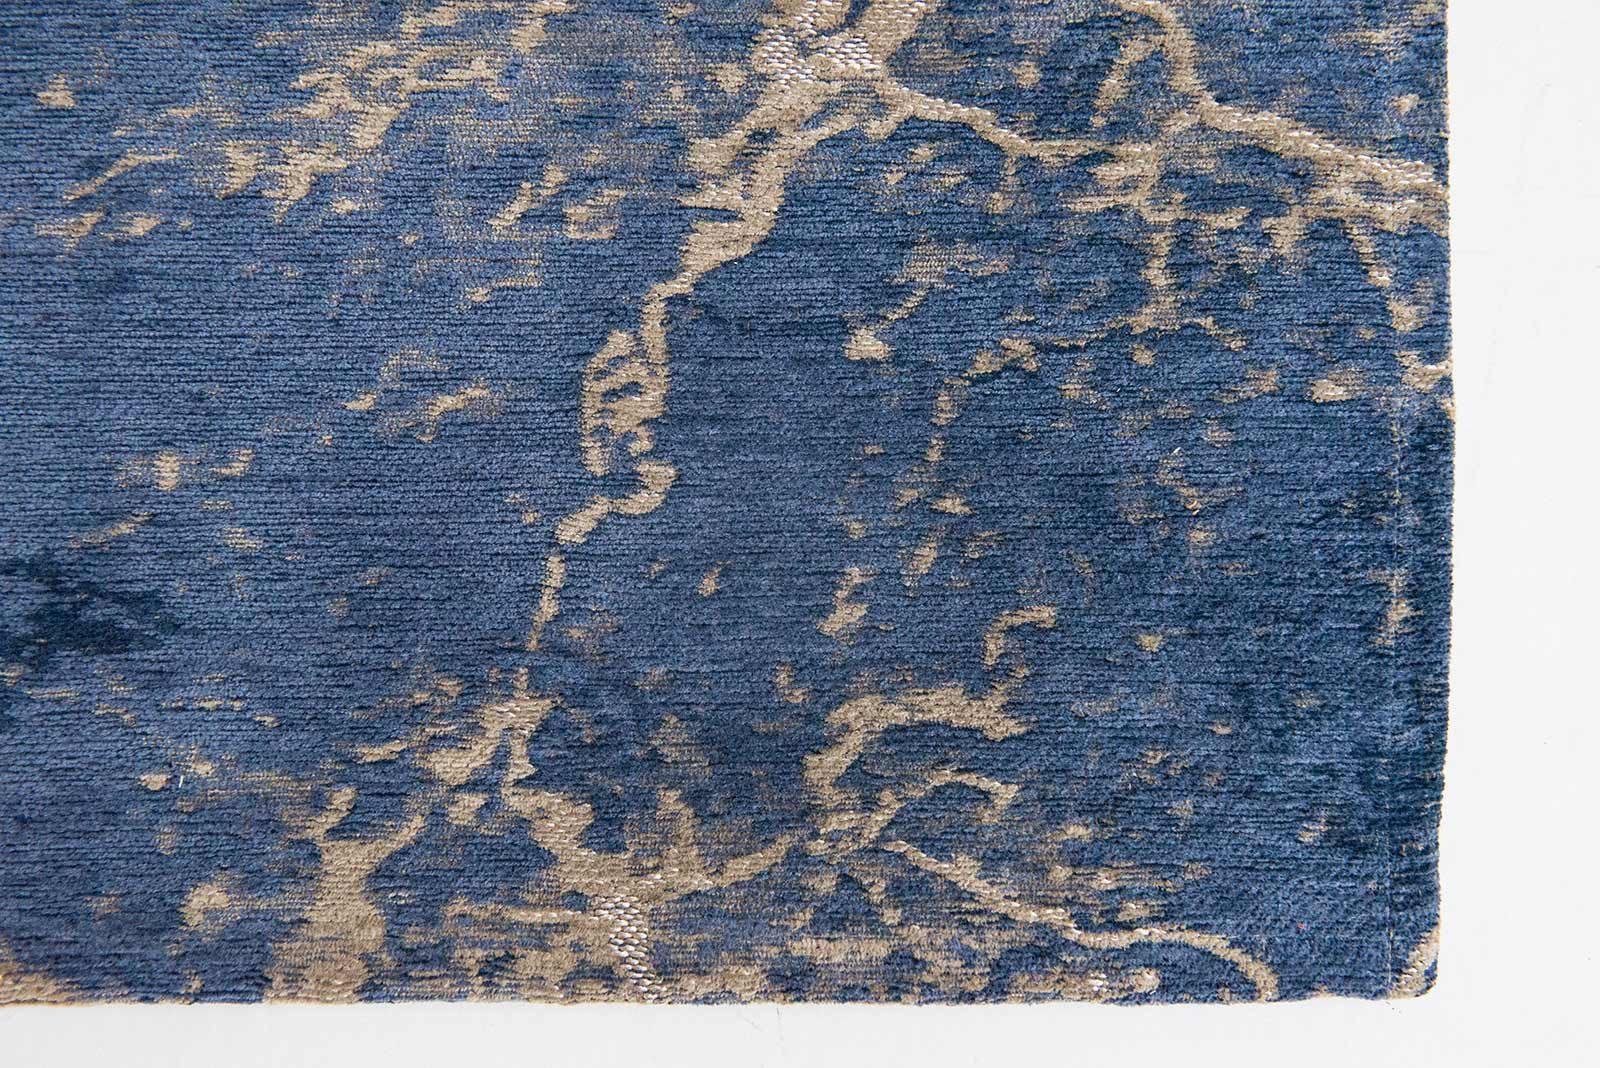 teppich Louis De Poortere LX8629 Mad Men Cracks Abyss Blue zoom 3